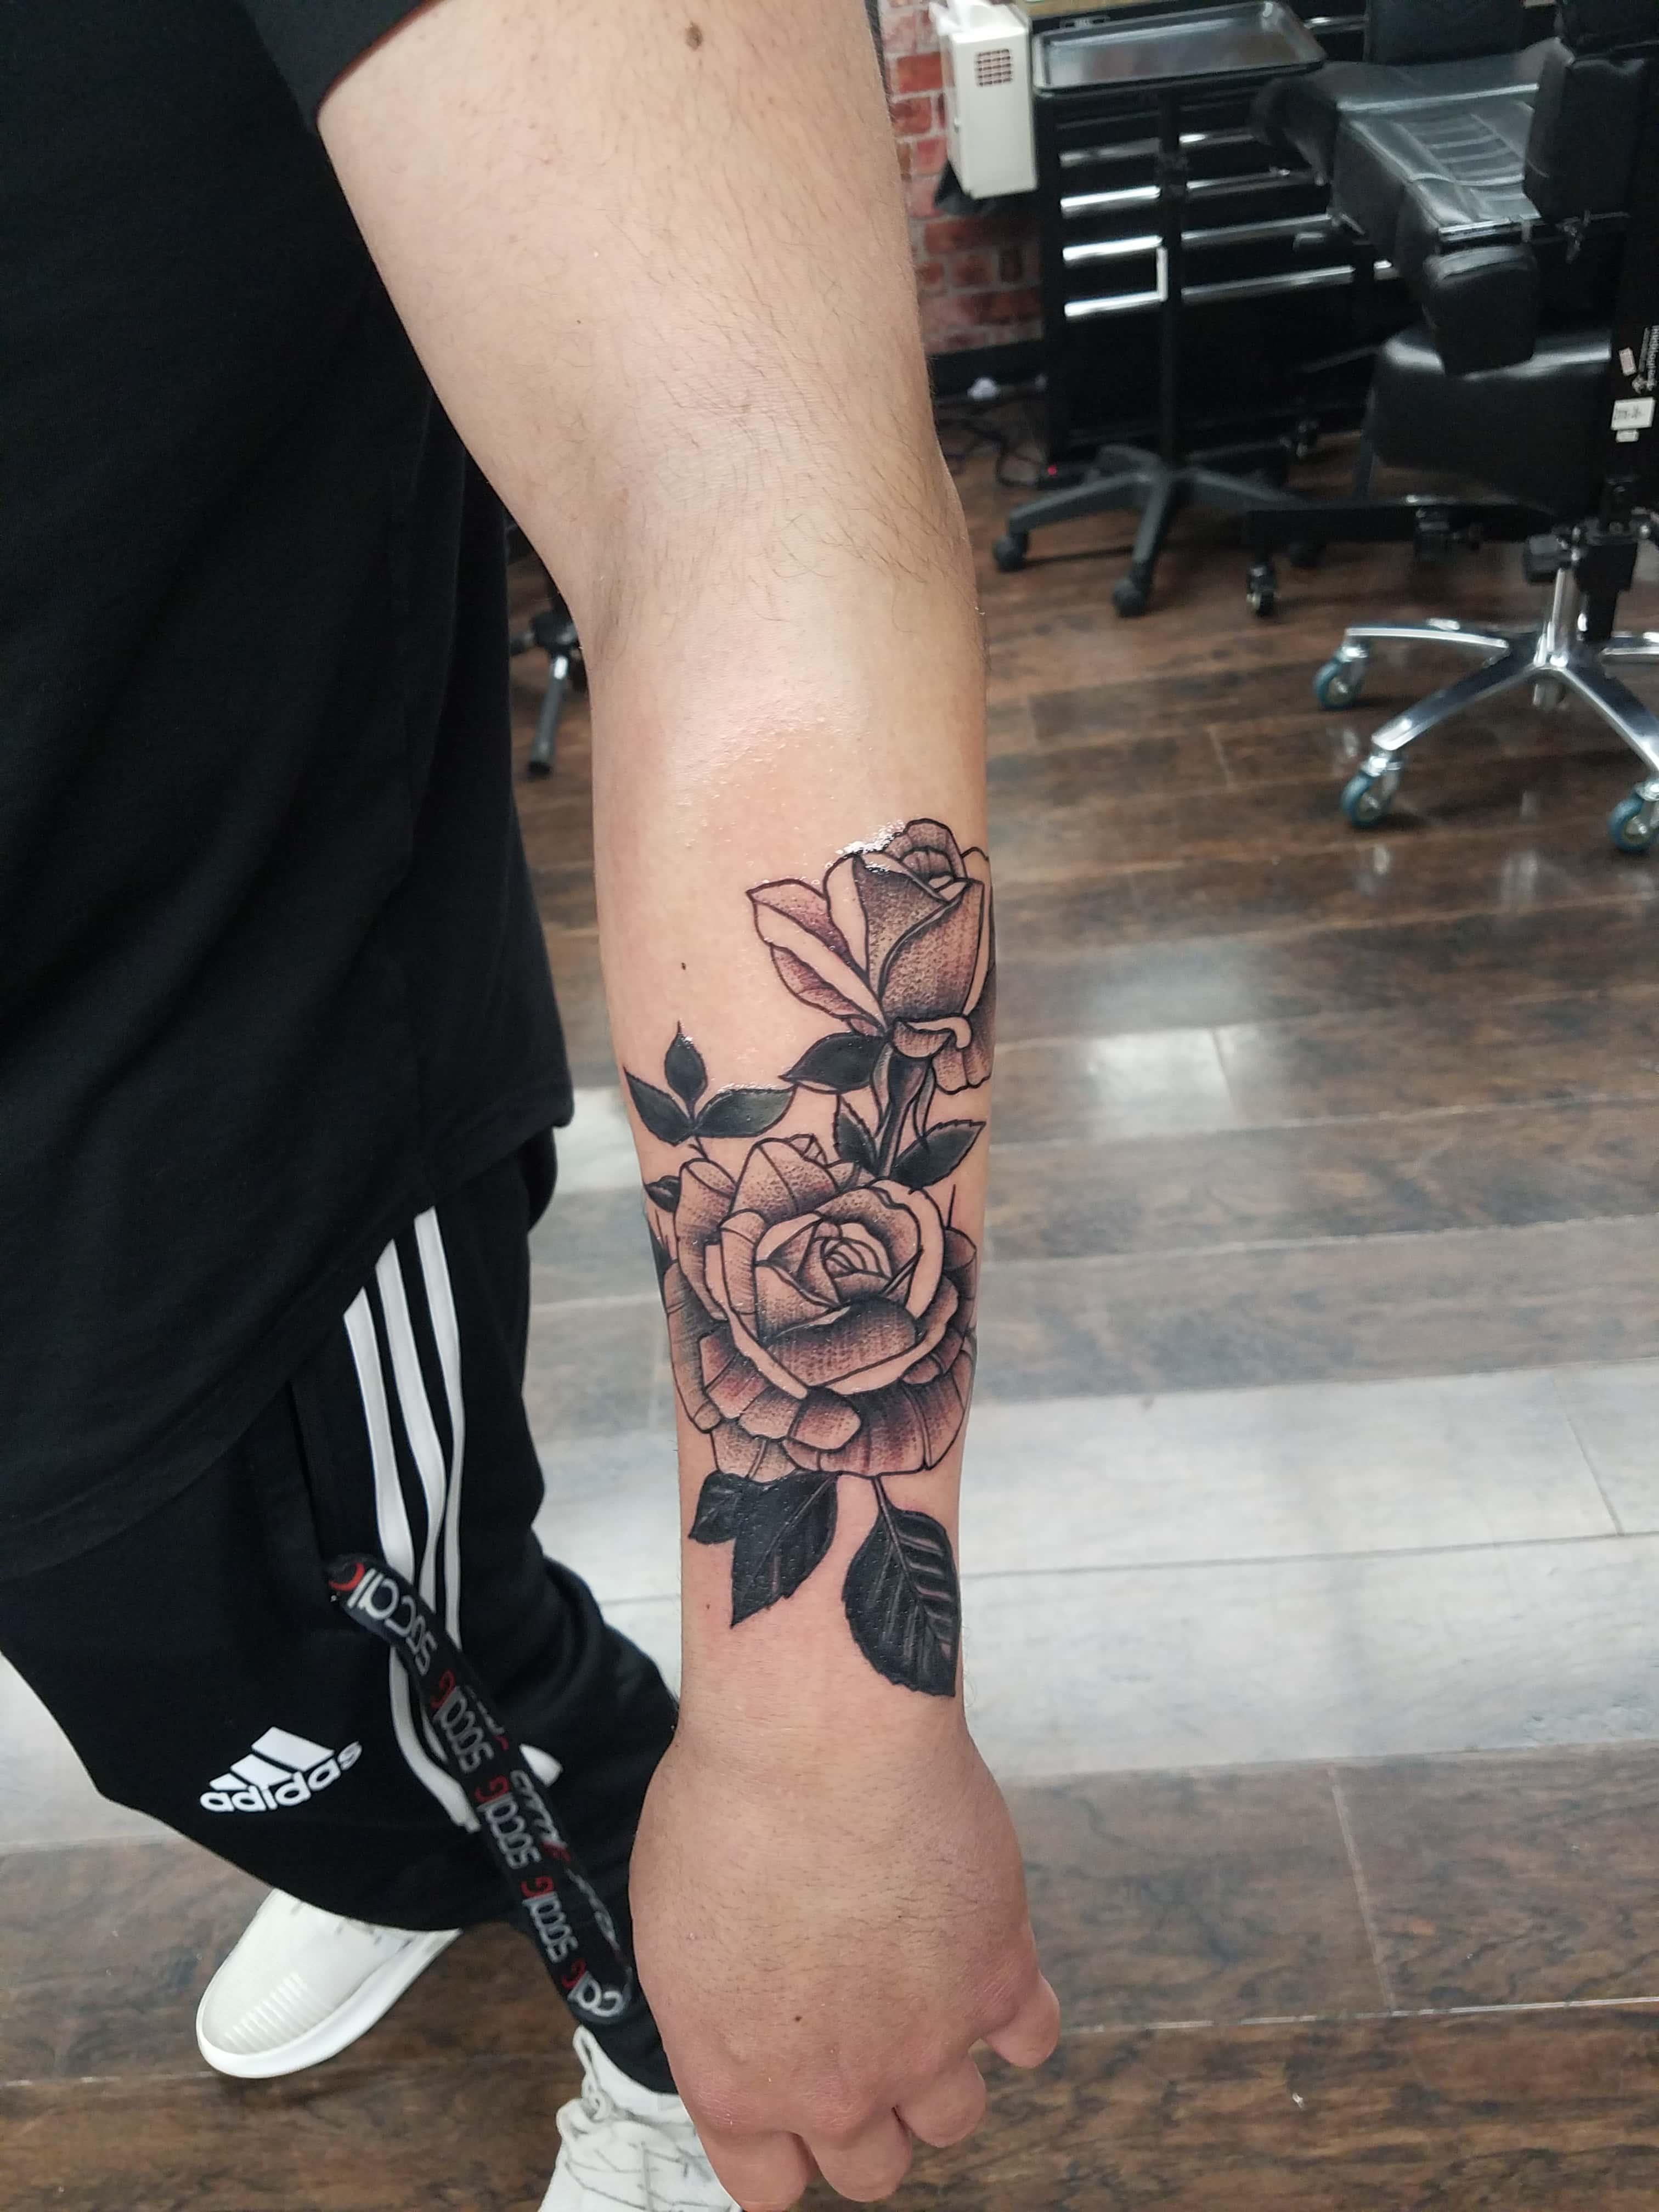 Dot work roses tattoo-min